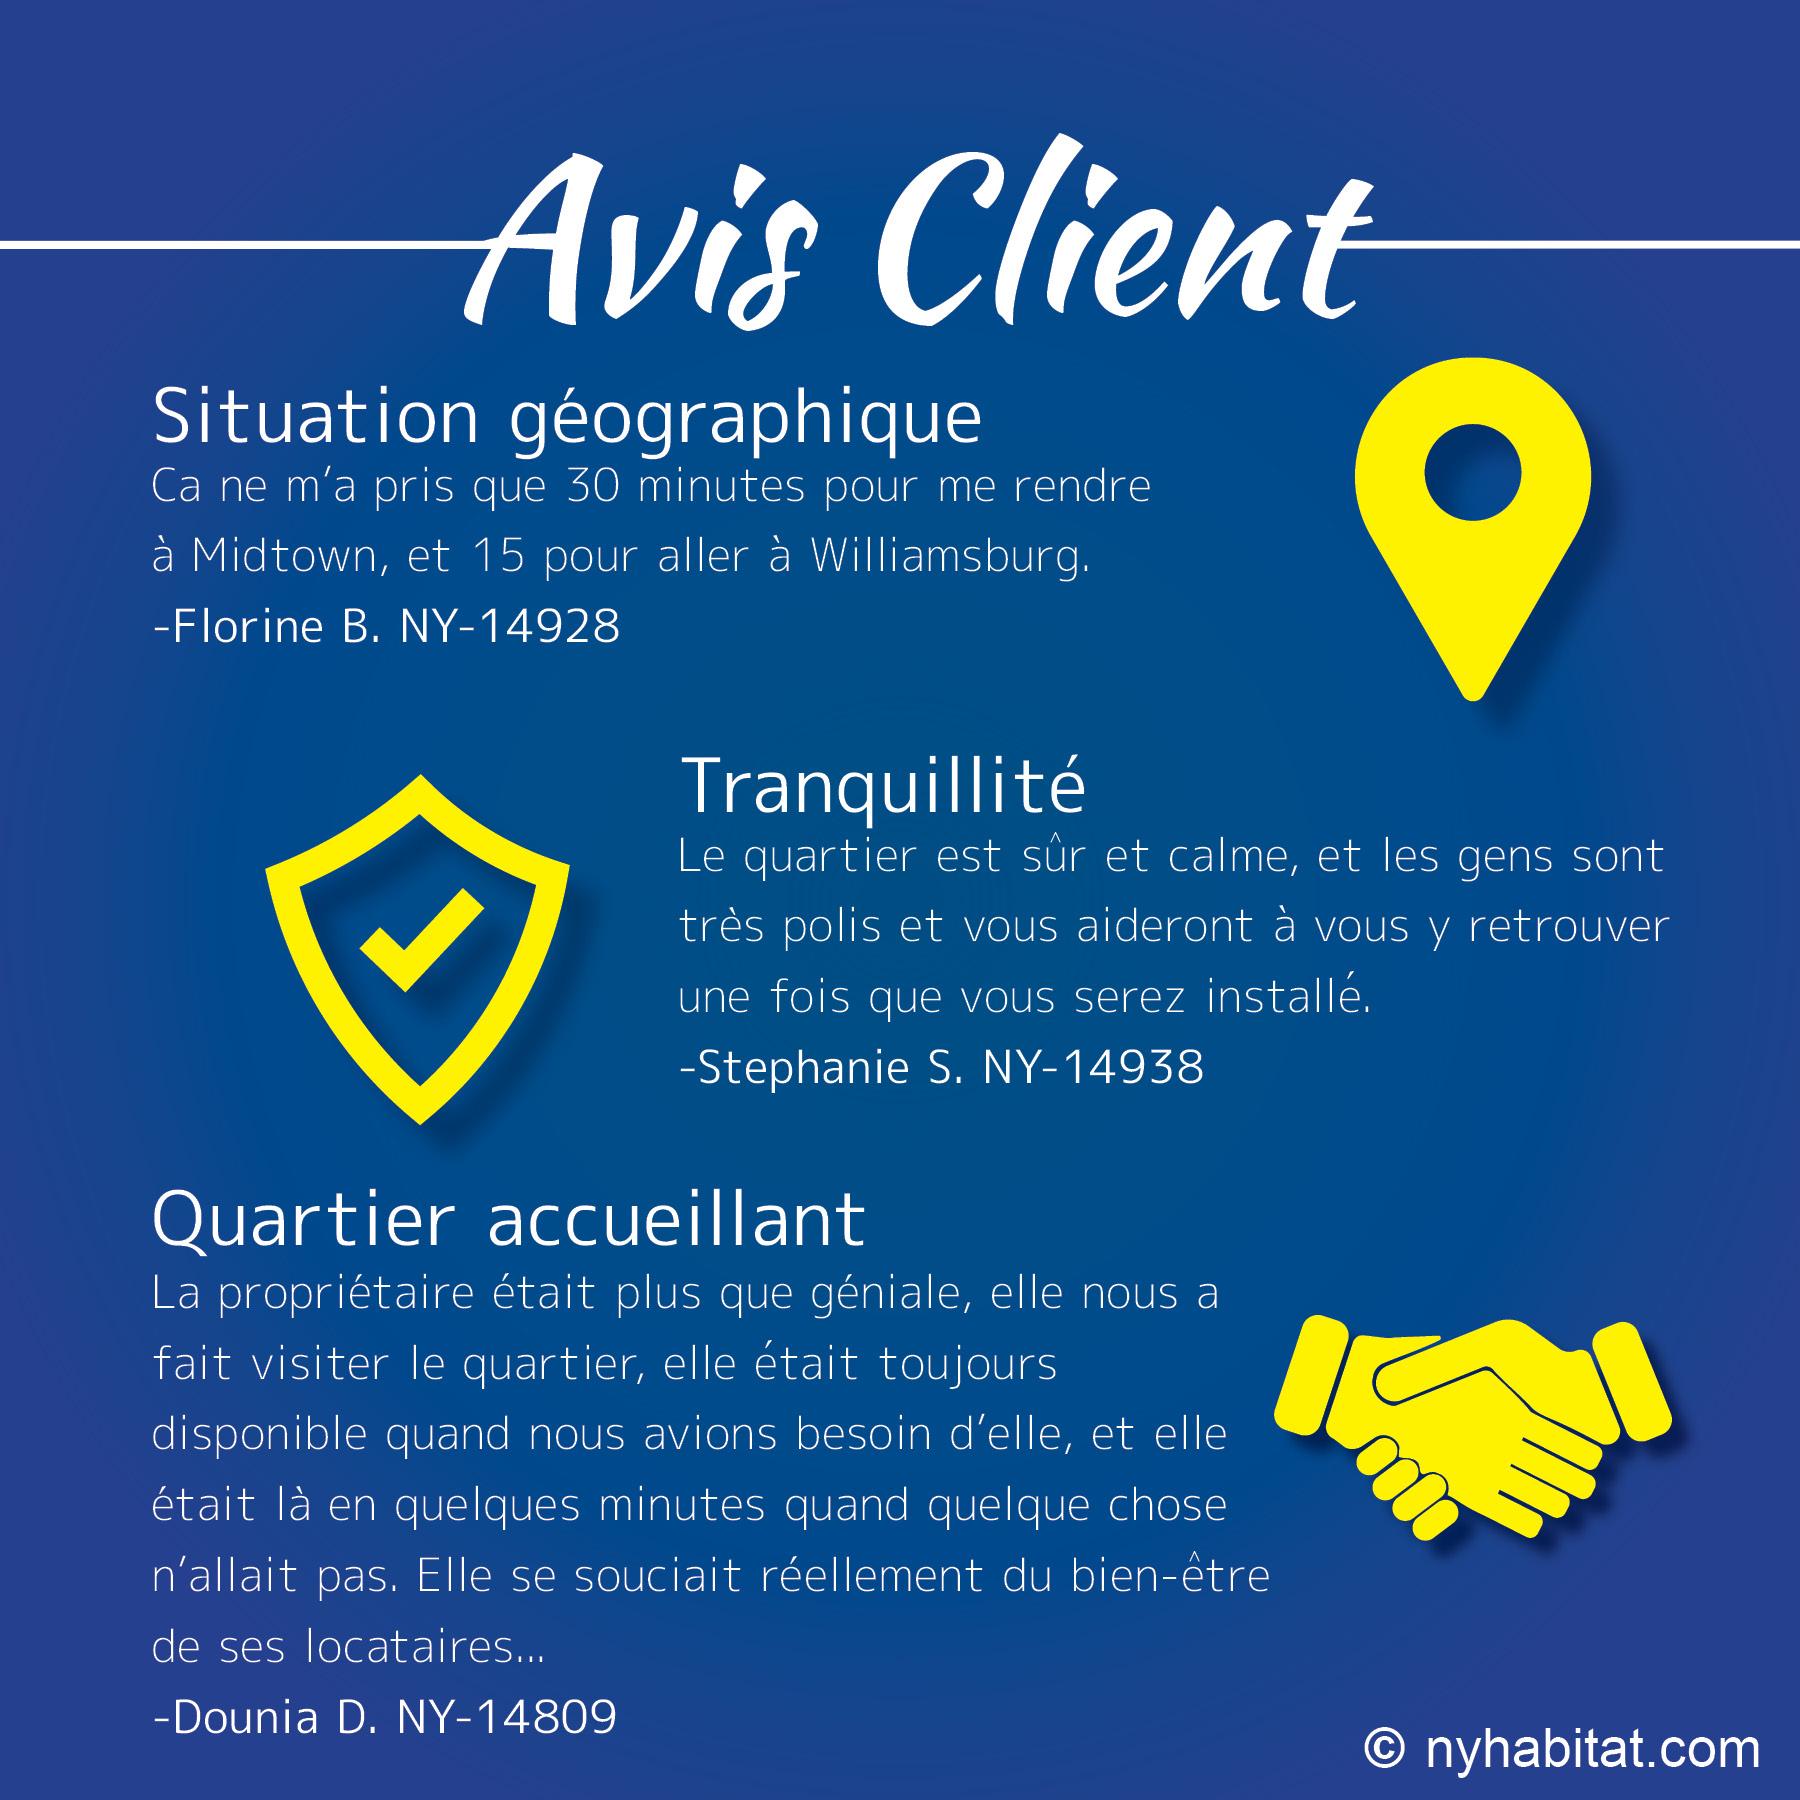 Infographie présentant des avis clients concernant des appartements et le quartier de Bed-Stuy